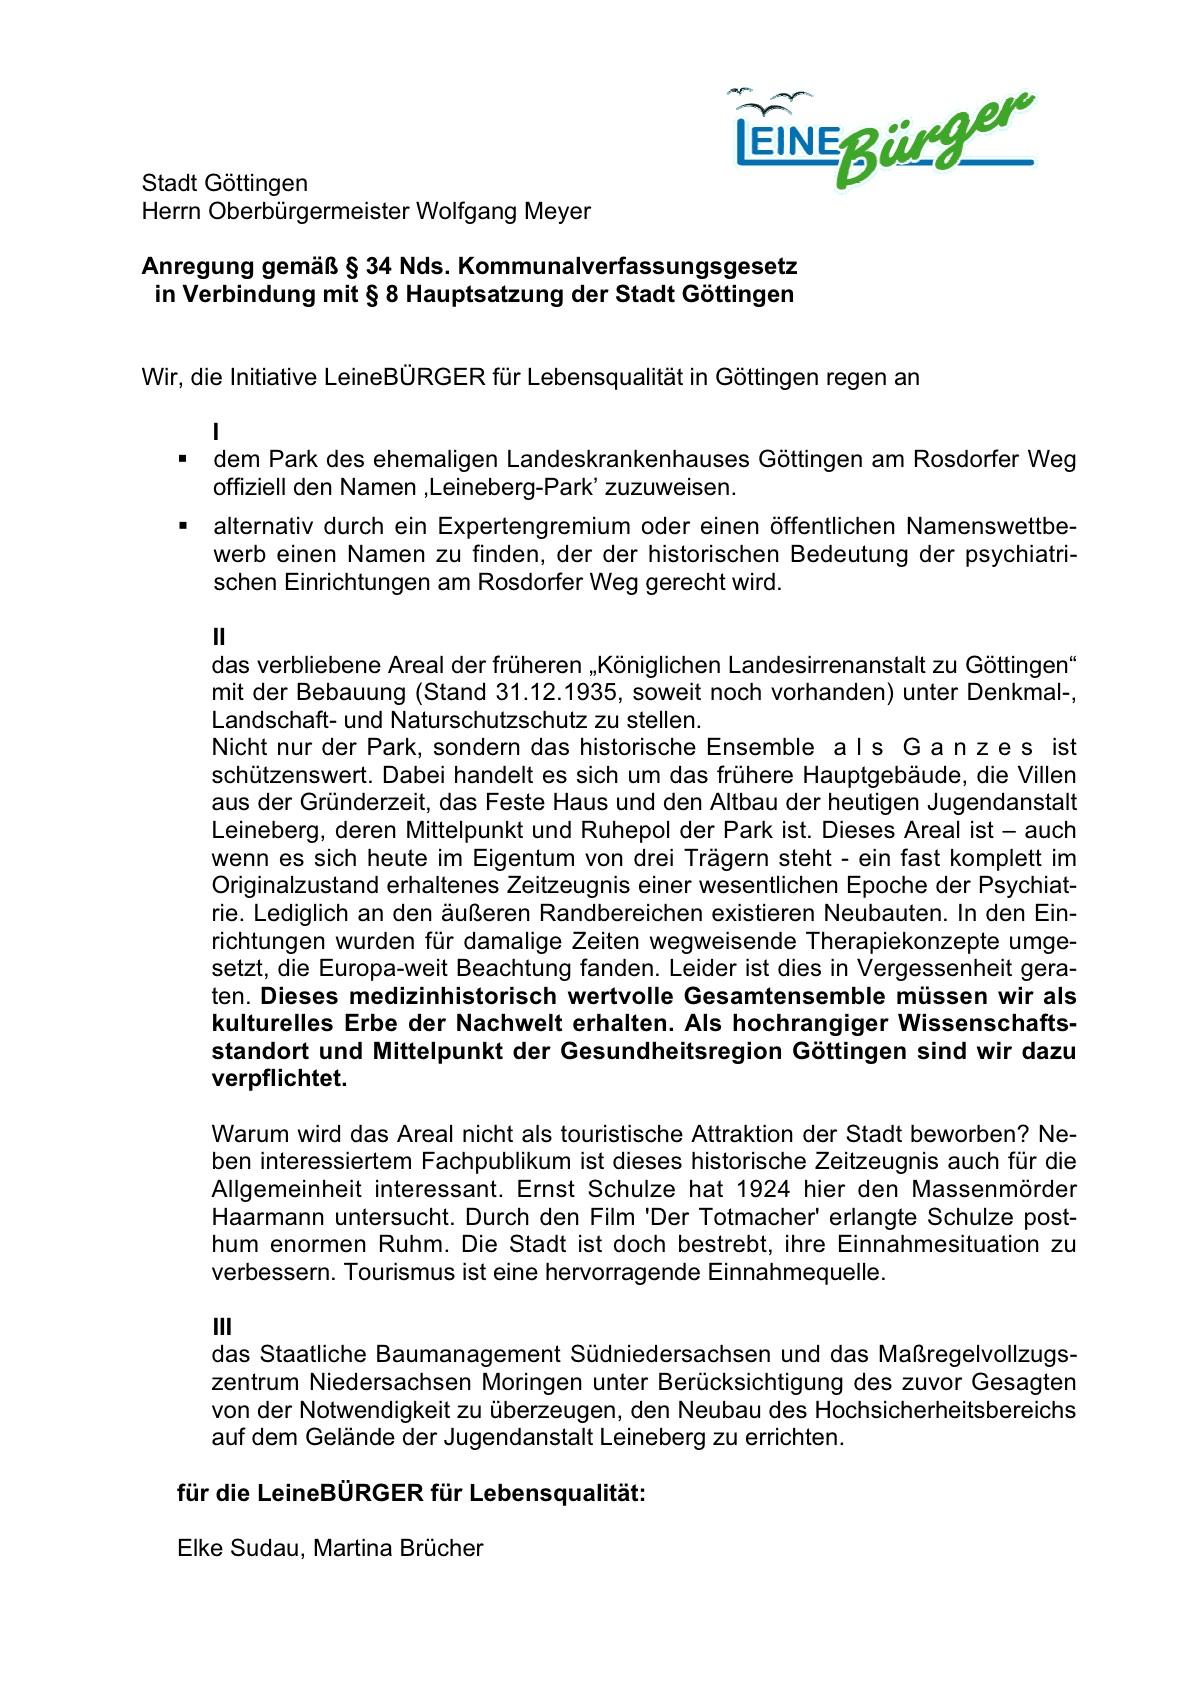 Anregung gemäß § 34 Nds. KommVG